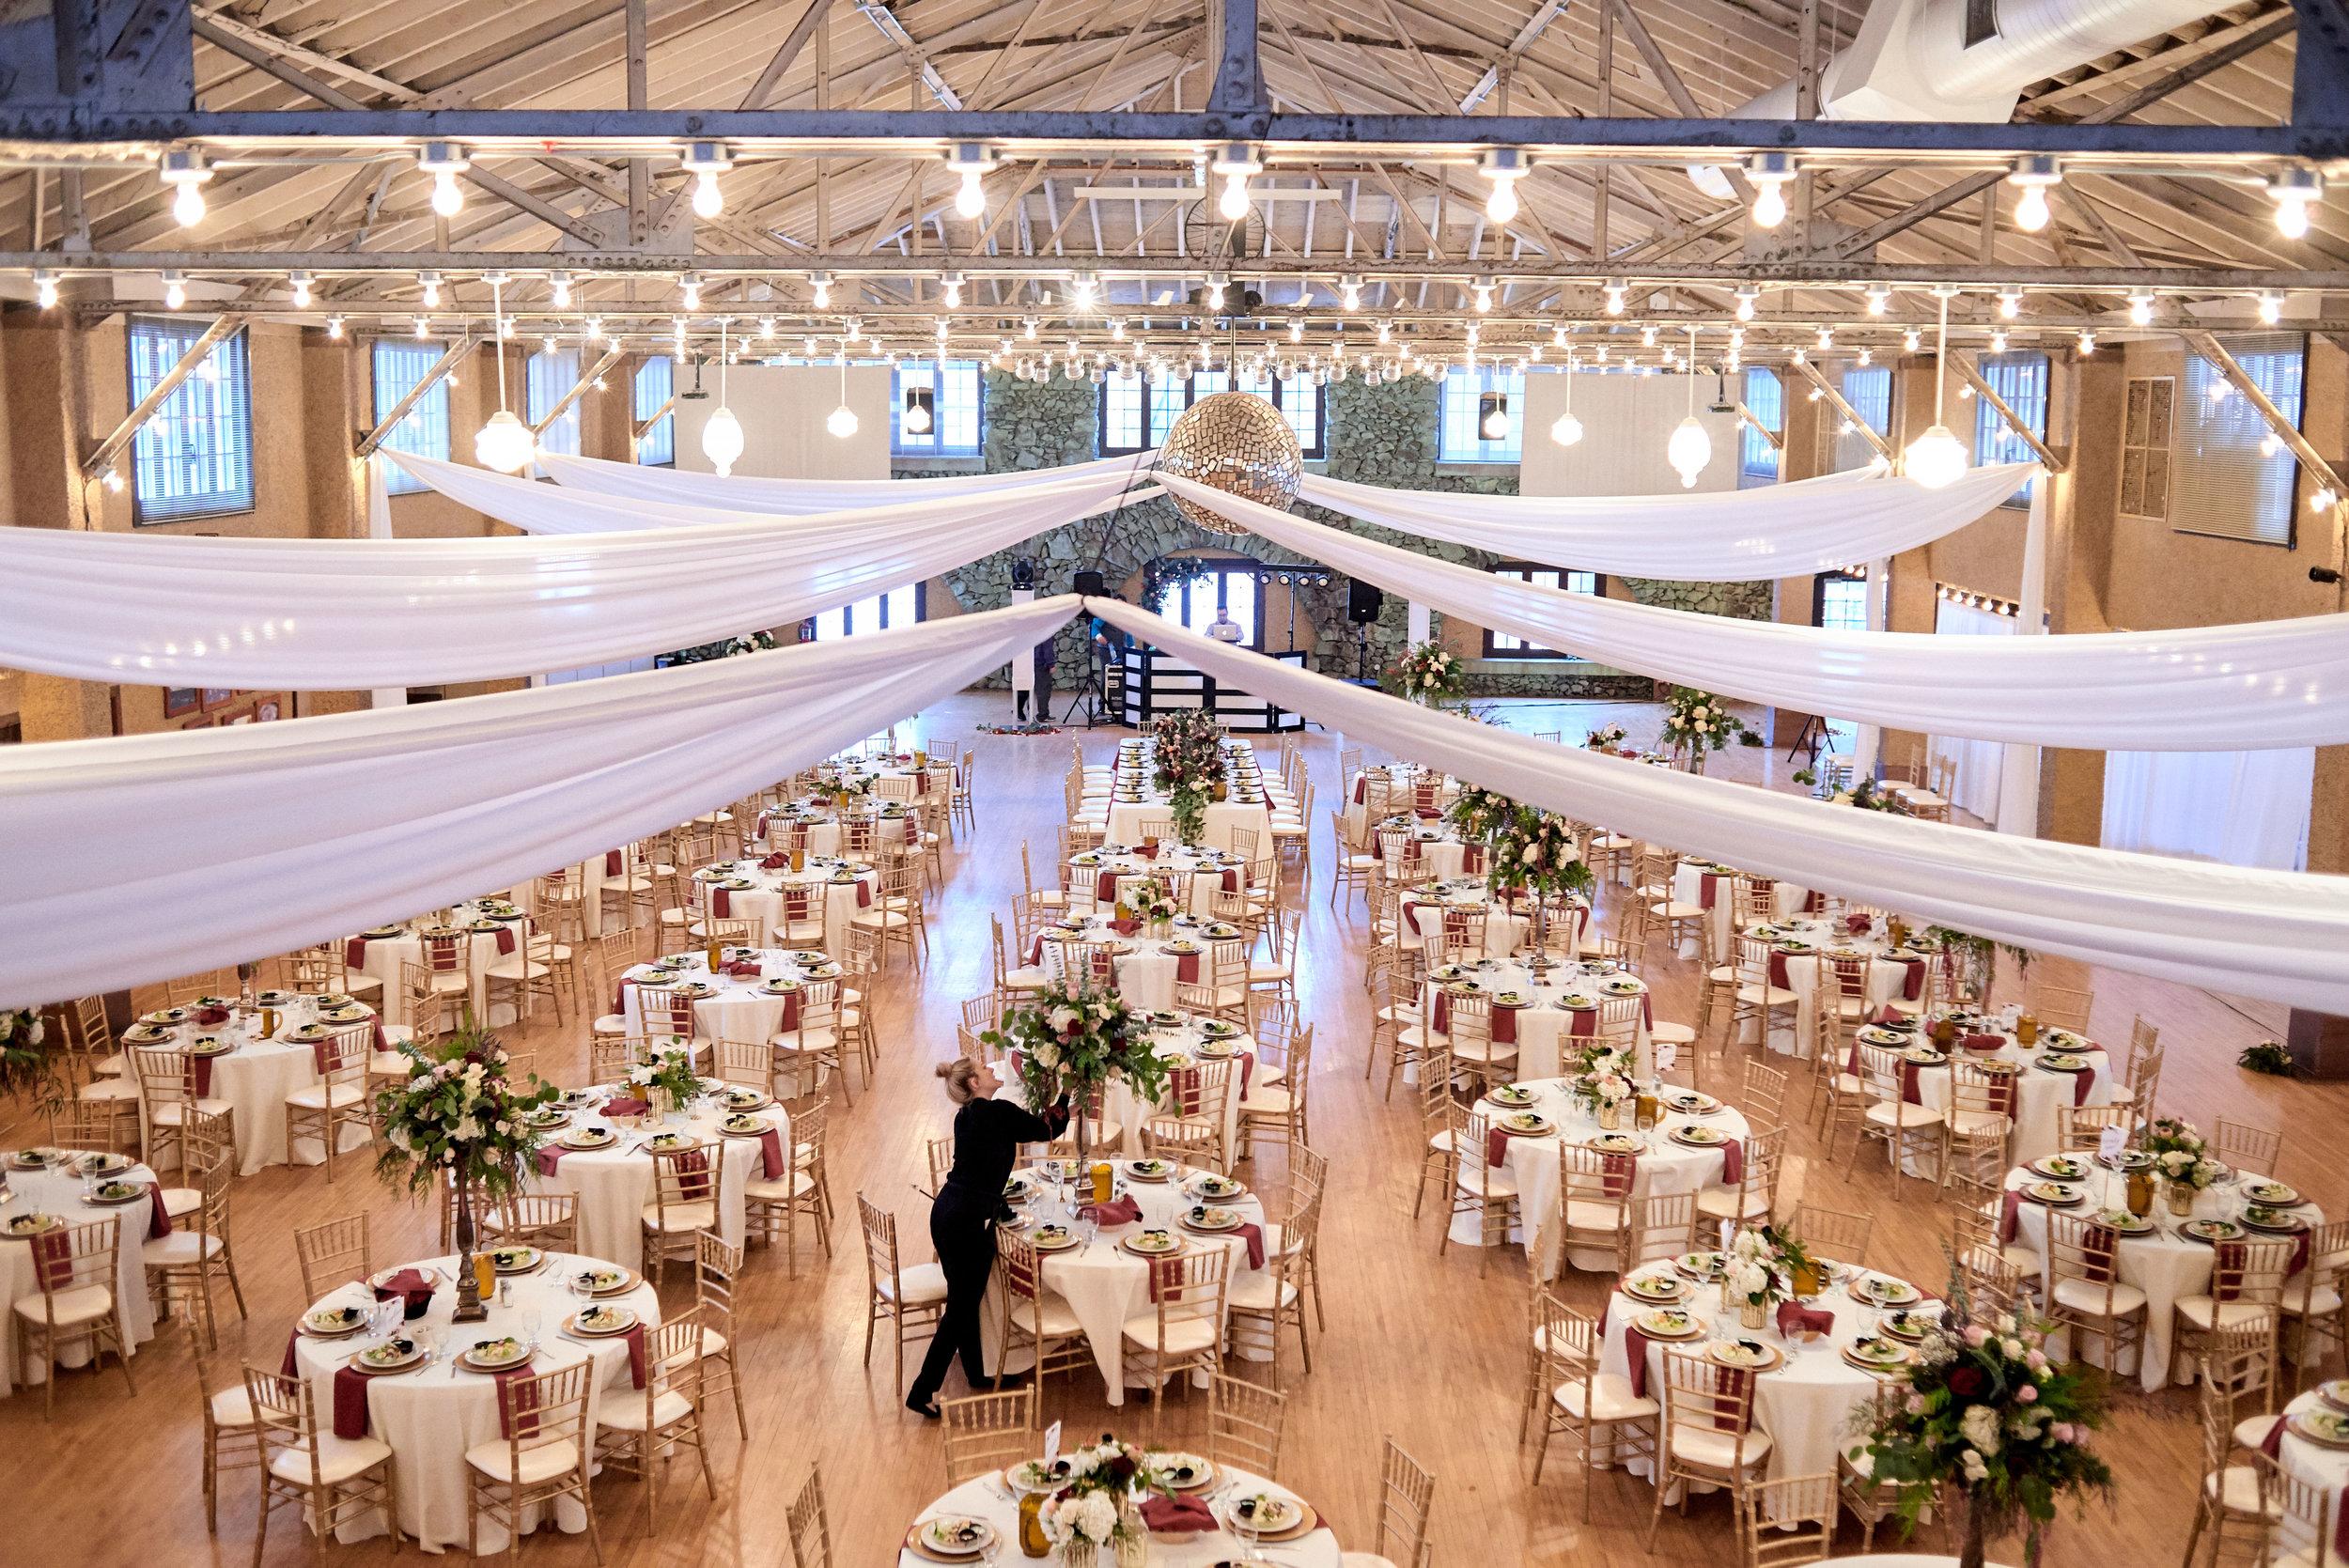 489-rothschild-pavilion-winter-wedding.jpg